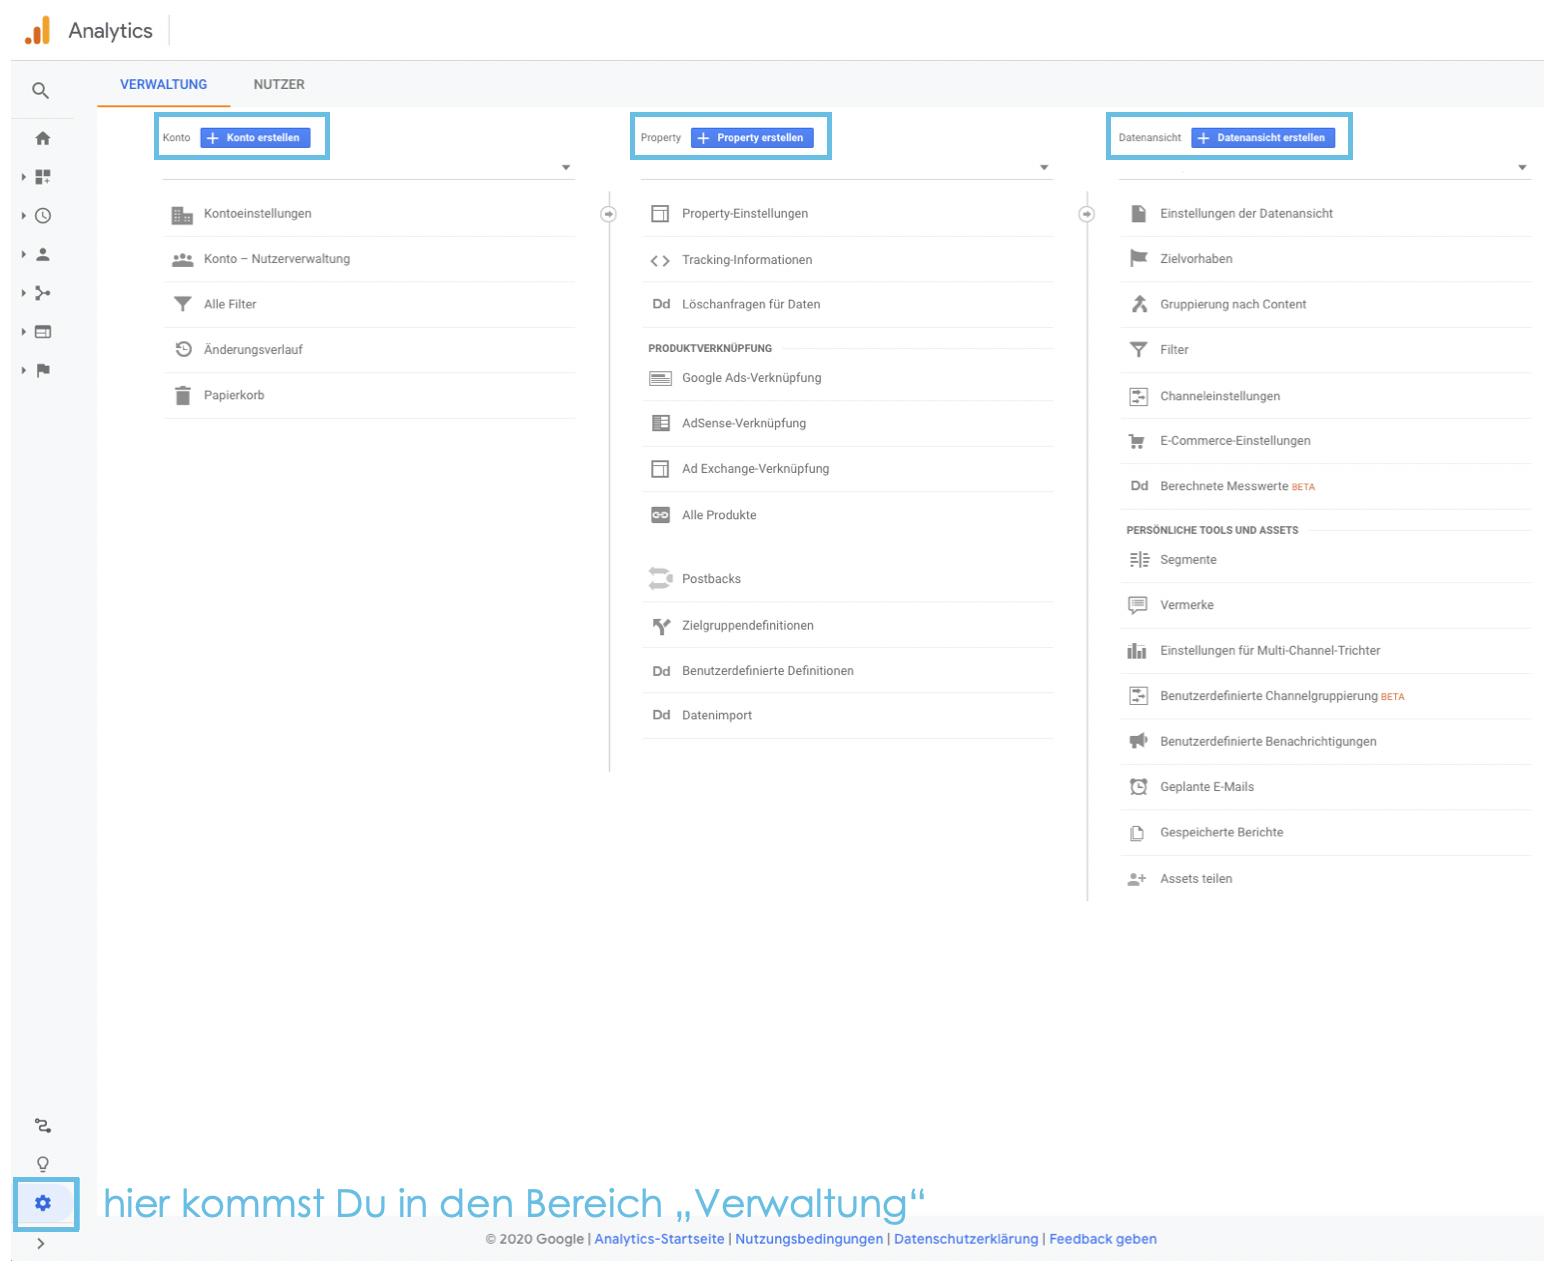 Verwaltung der einzelnen Ebenen im Google Analytics Konto